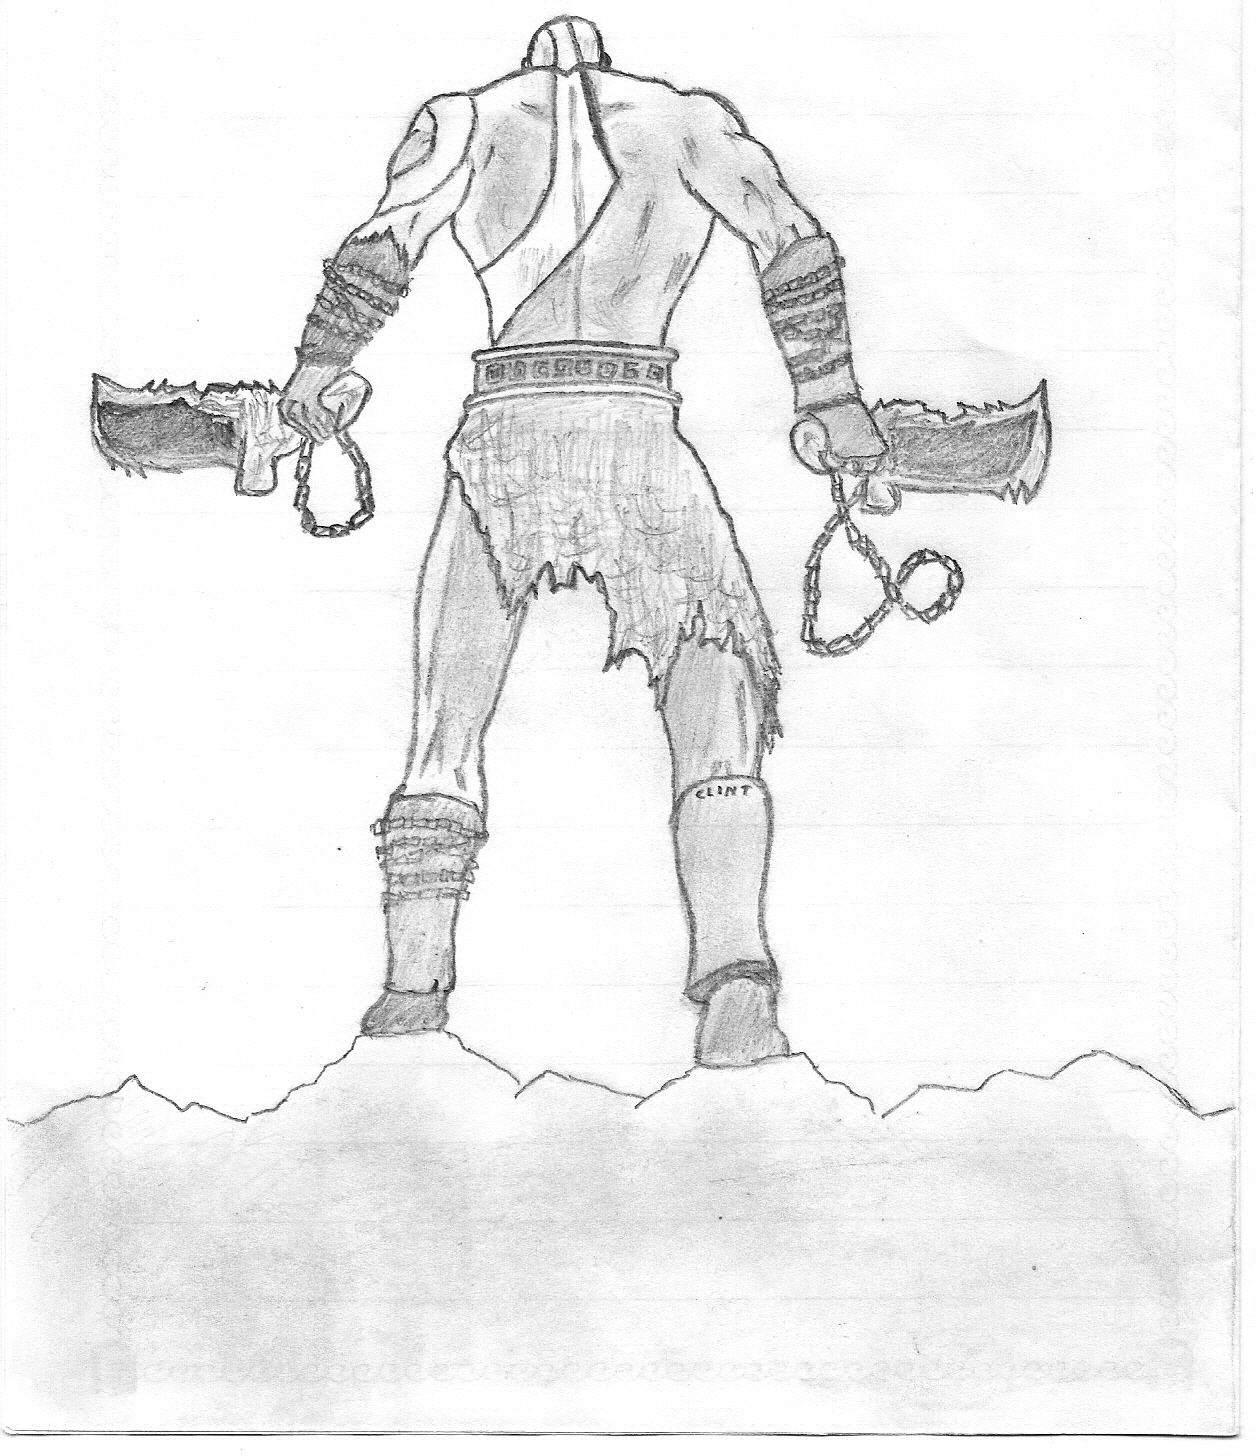 Kratos God Of War By Deathrebellion On Deviantart